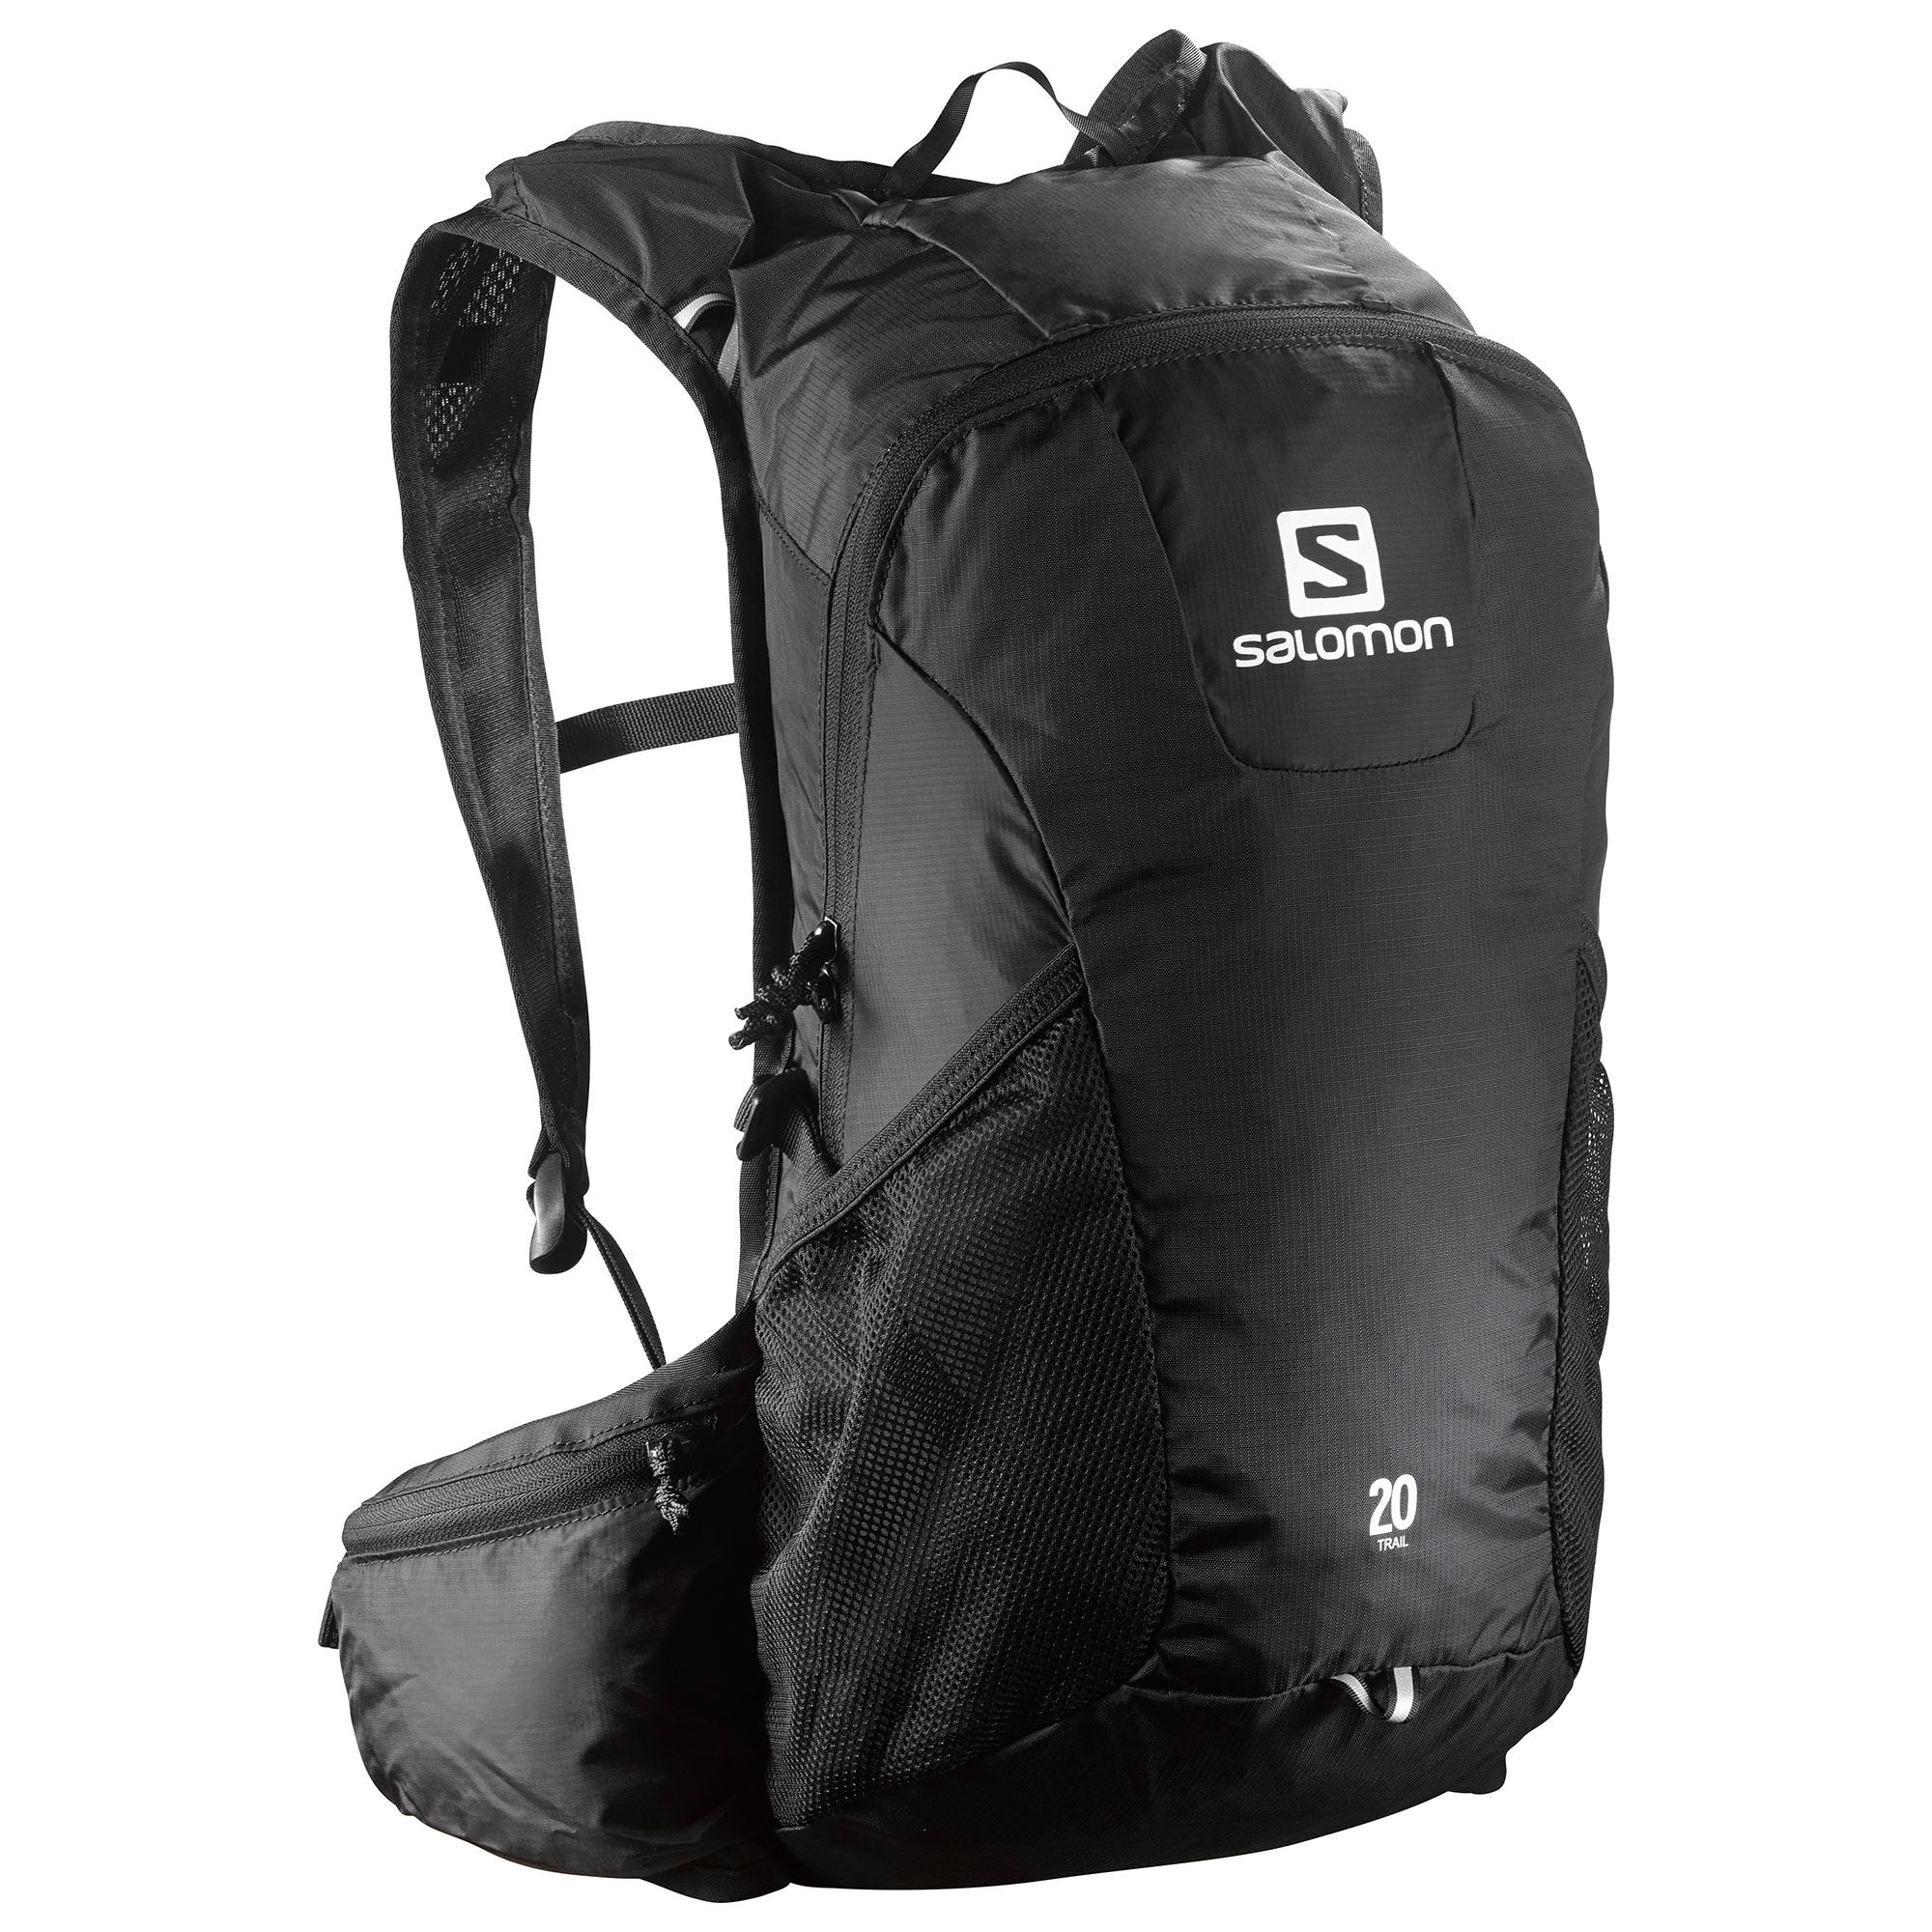 Salomon Trail 20 - plecak biegowy / na krótkie wędrówki